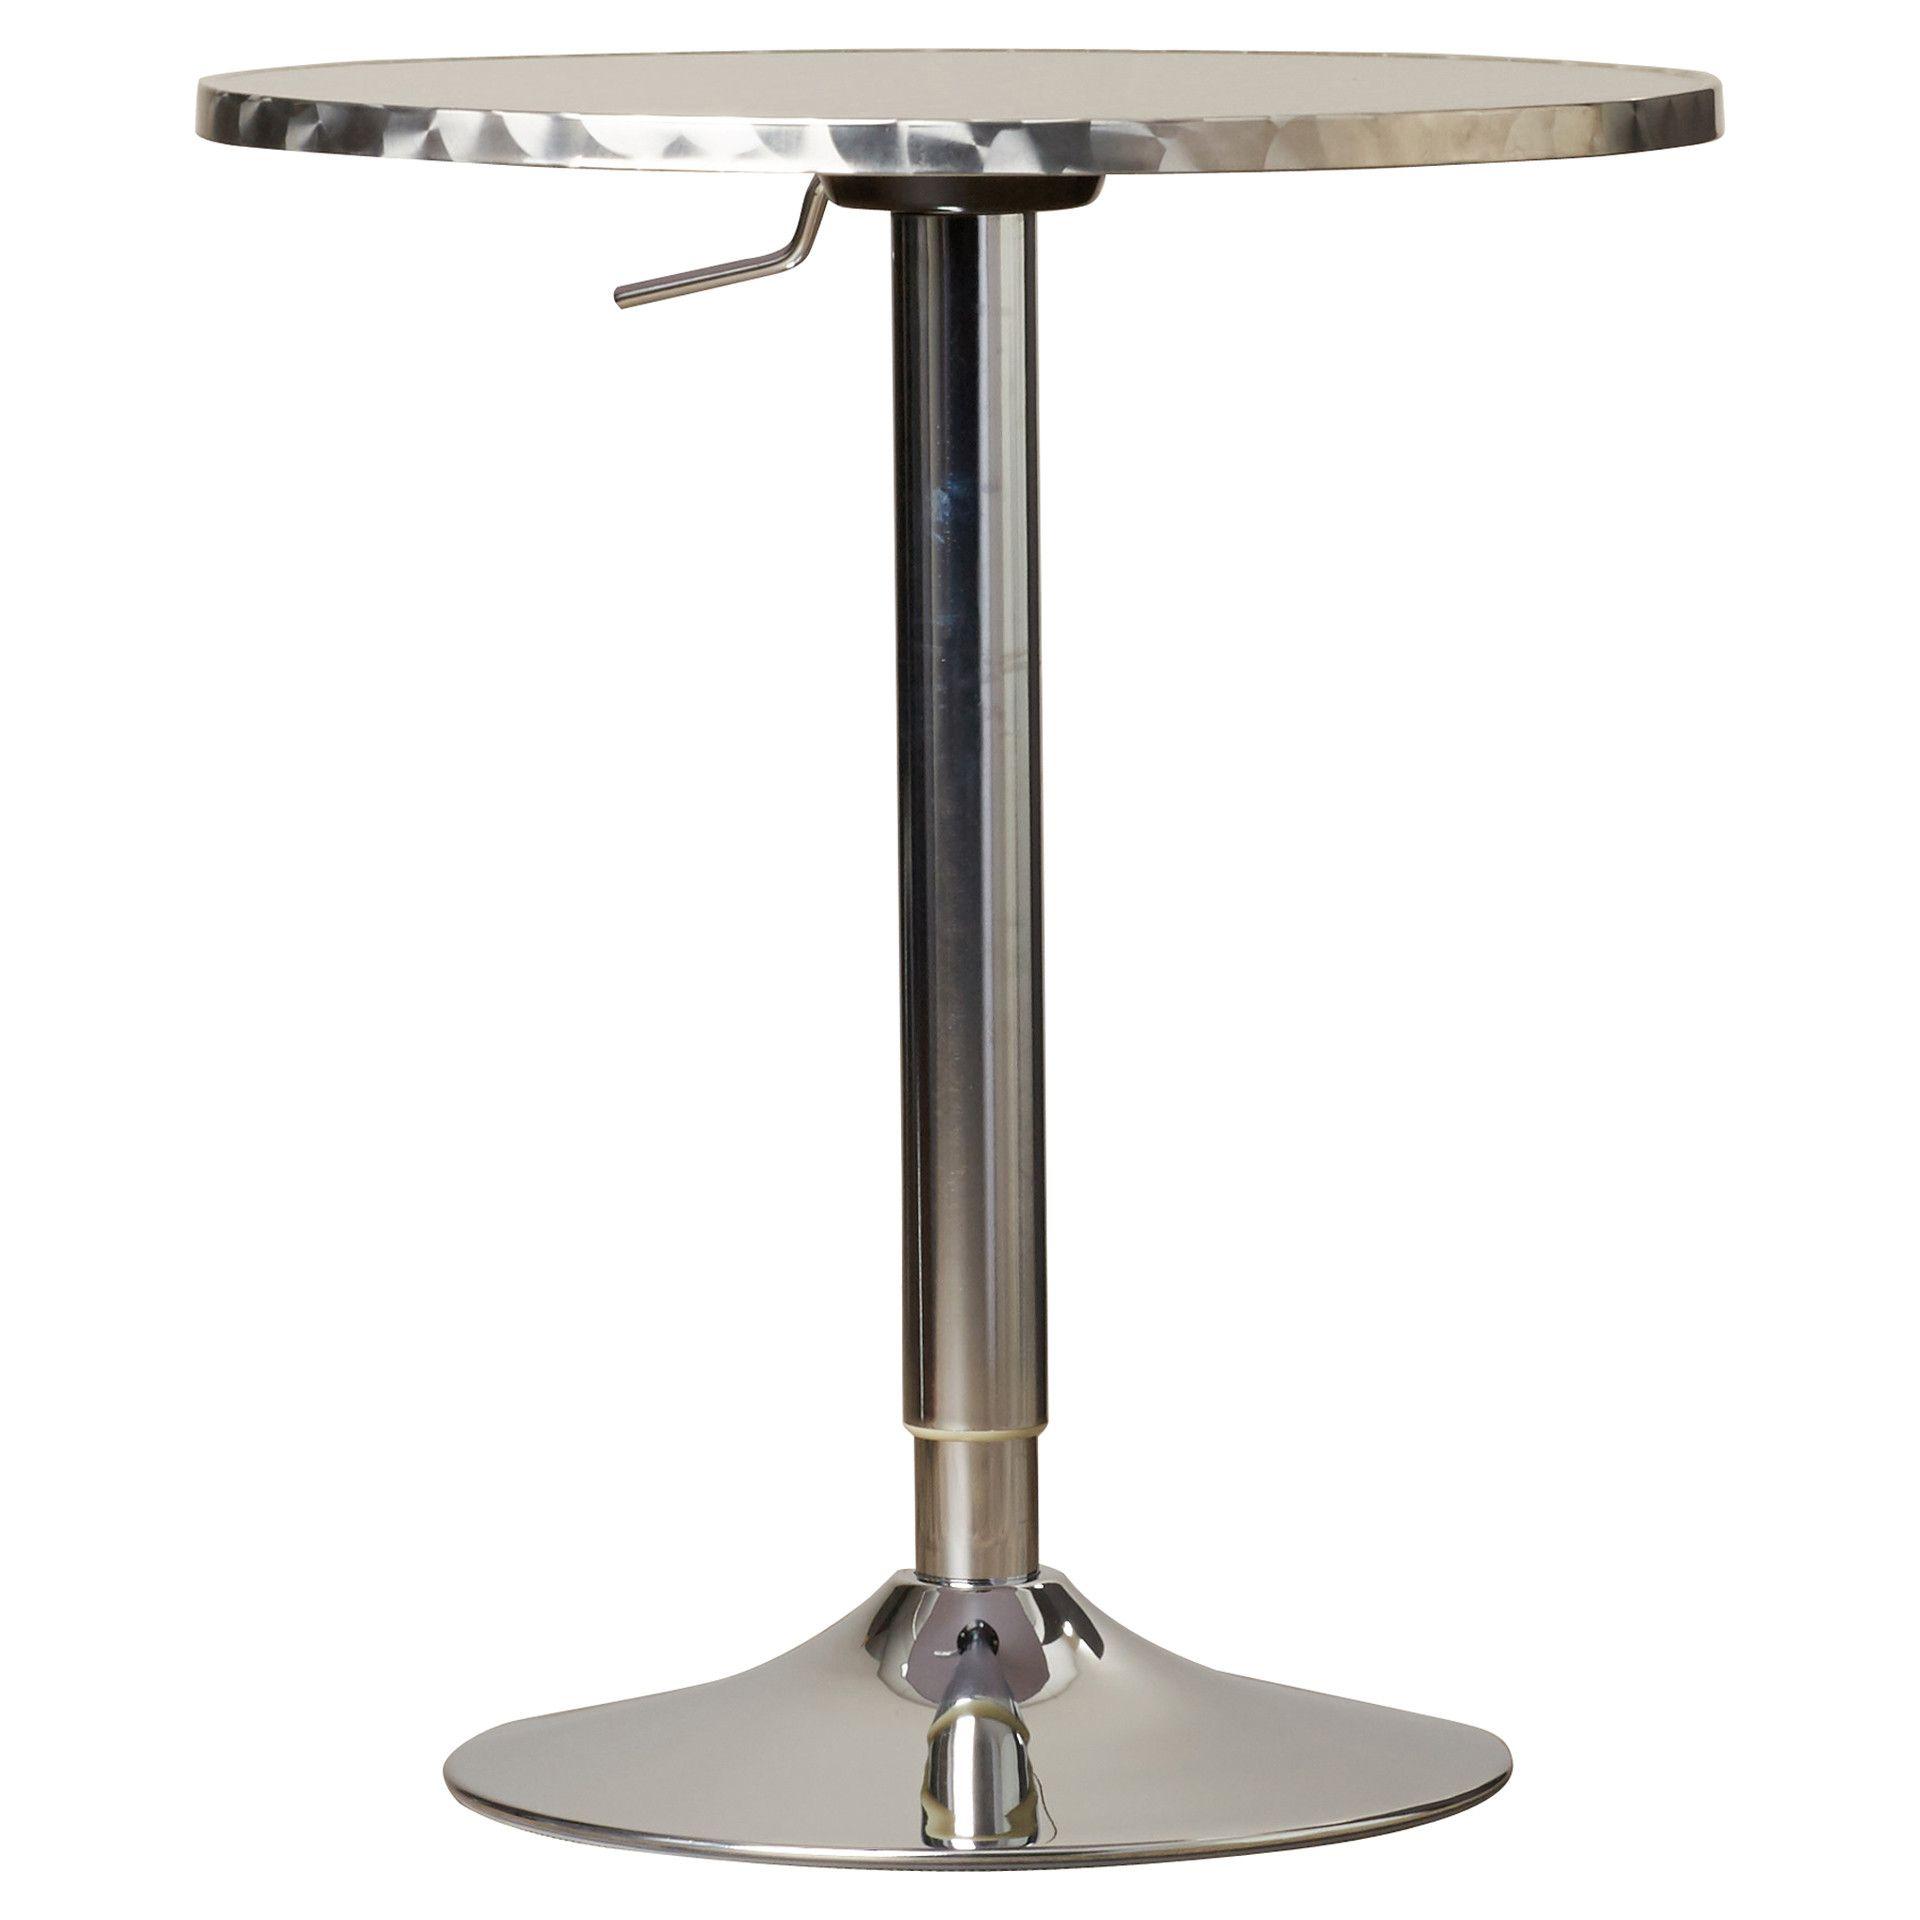 Adlai Adjustable Pub Table Products Pinterest Products - Adjustable height cafe table